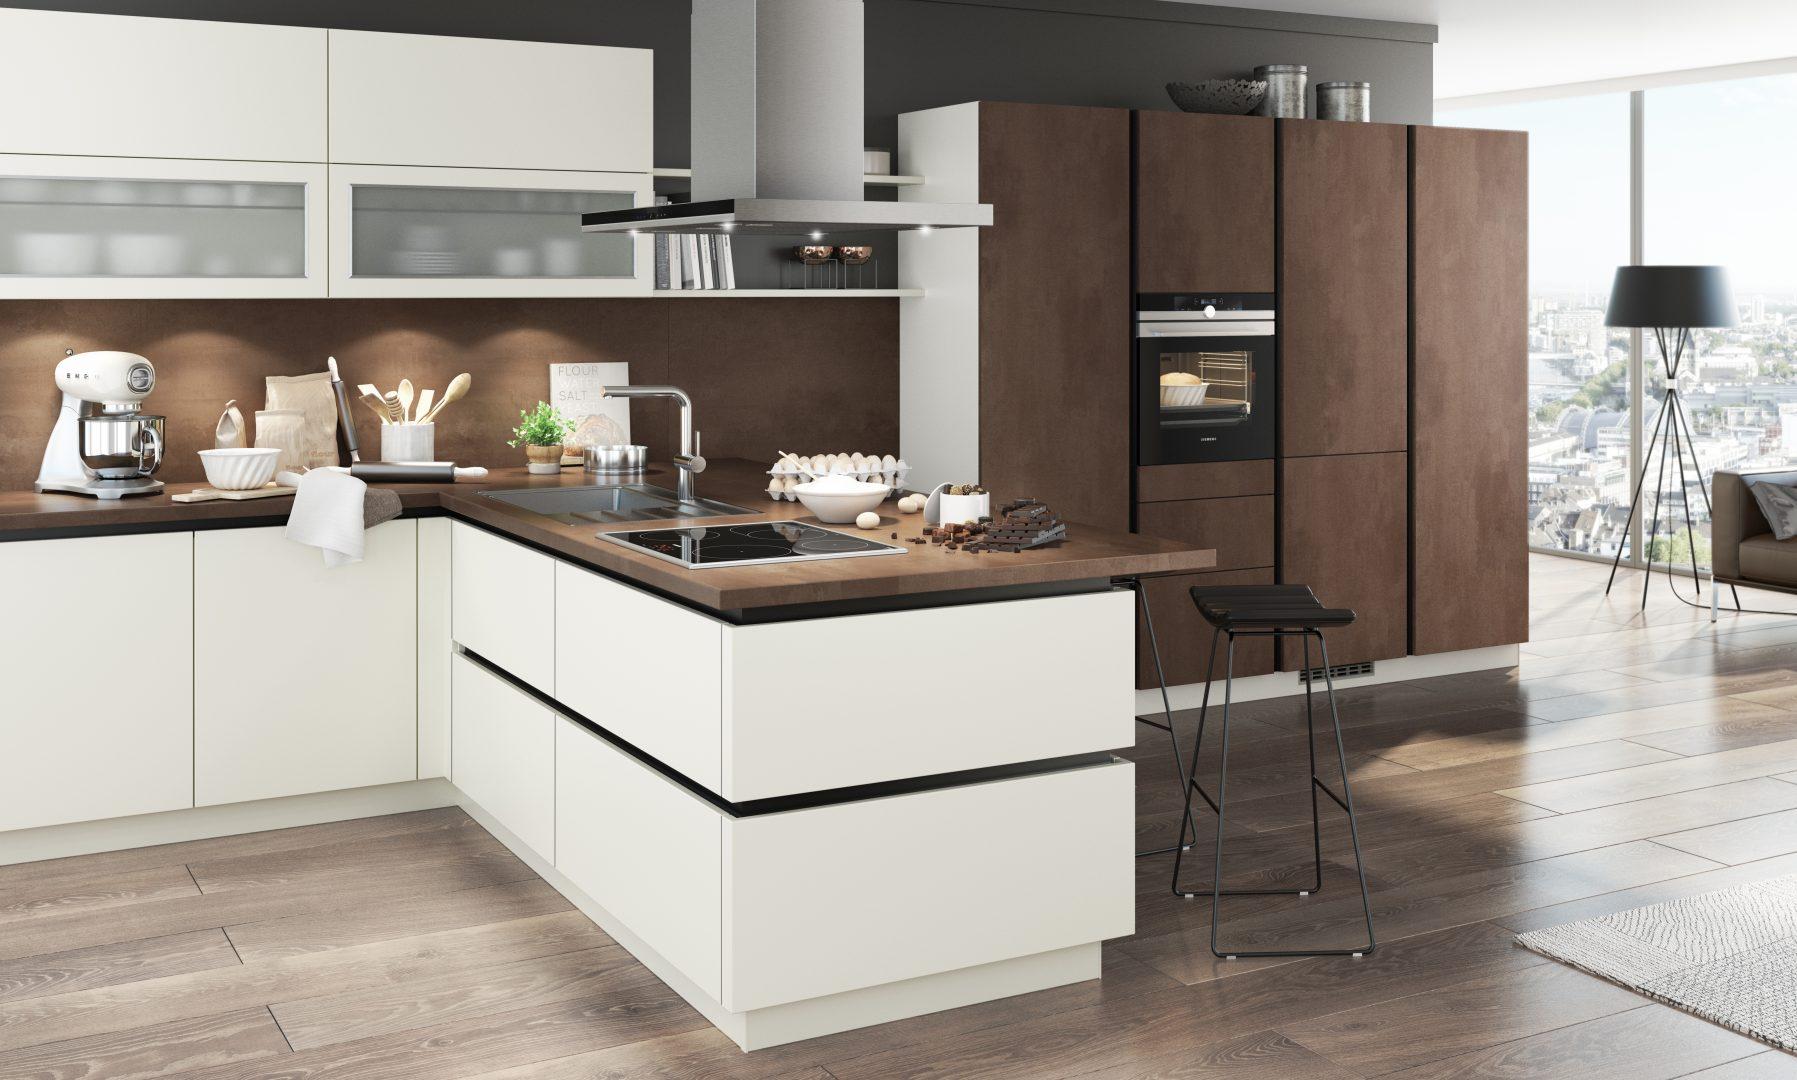 Full Size of Outdoor Küche Zusammenstellen Vicco Küche Zusammenstellen Unterschrank Küche Zusammenstellen Ikea Küche Zusammenstellen Online Küche Küche Zusammenstellen